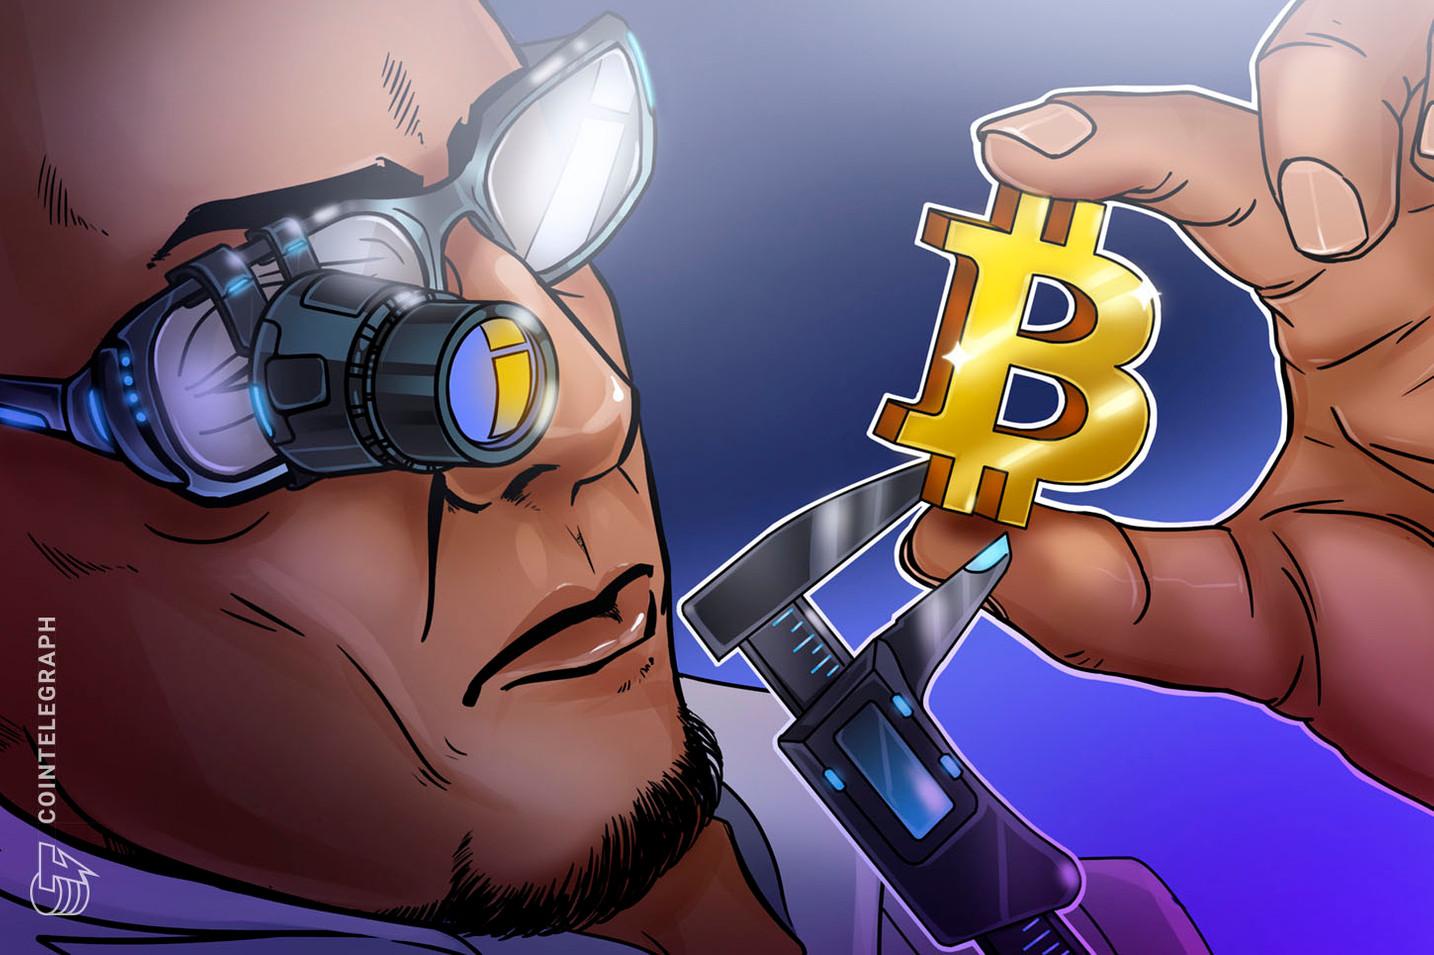 Bitcoin technikai szakemberek: Milyen alacsony lesz a BTC ára, miután kudarcot vallott 42 XNUMX dolláros ellenállásnál?